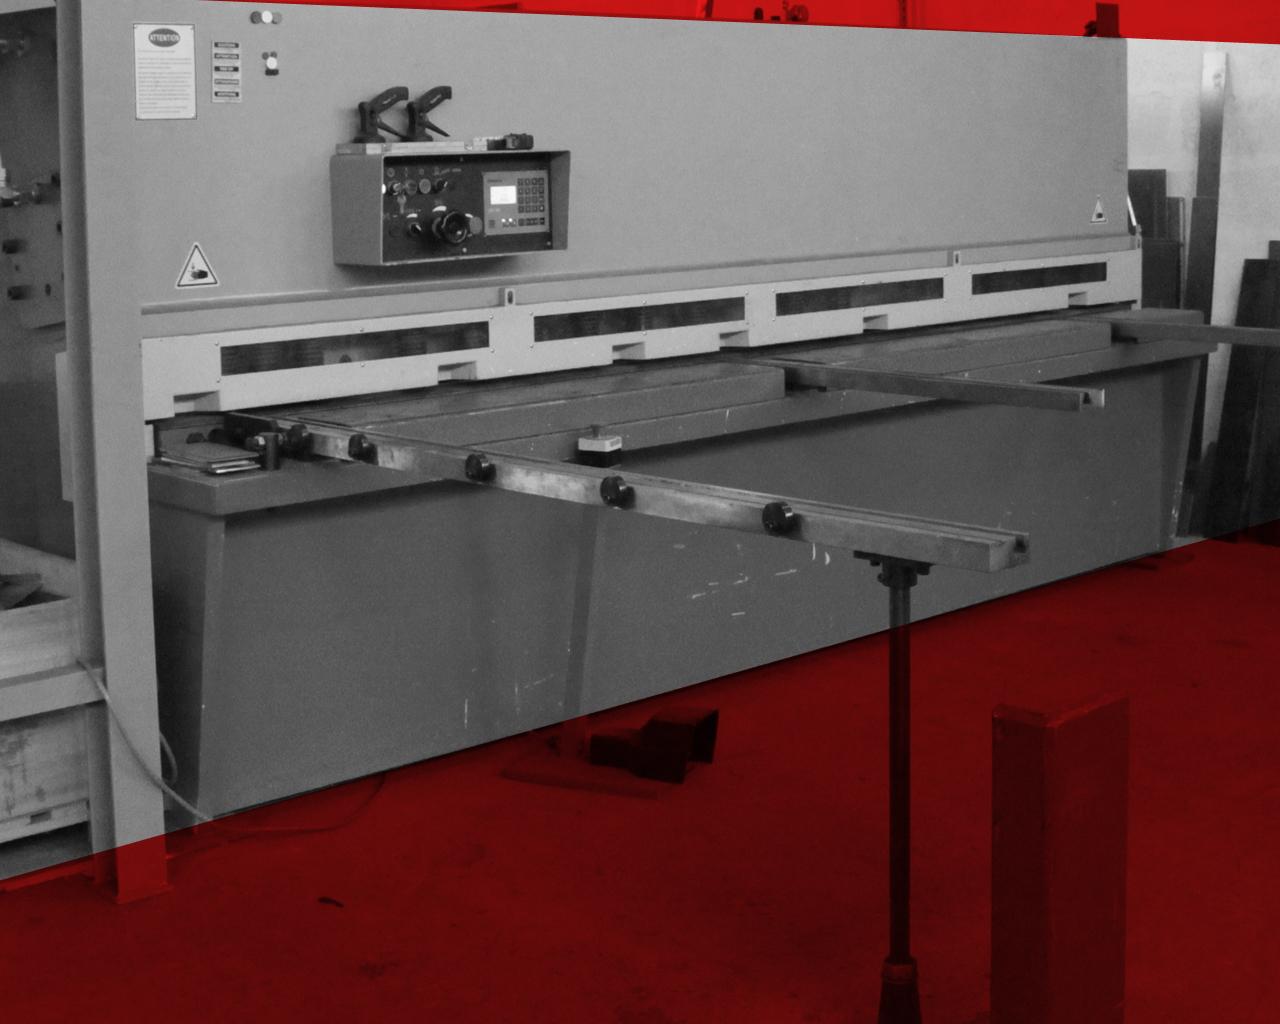 Cisaille numérique ; capacité de coupe : 8 mm d'épaisseur sur 3 mètres